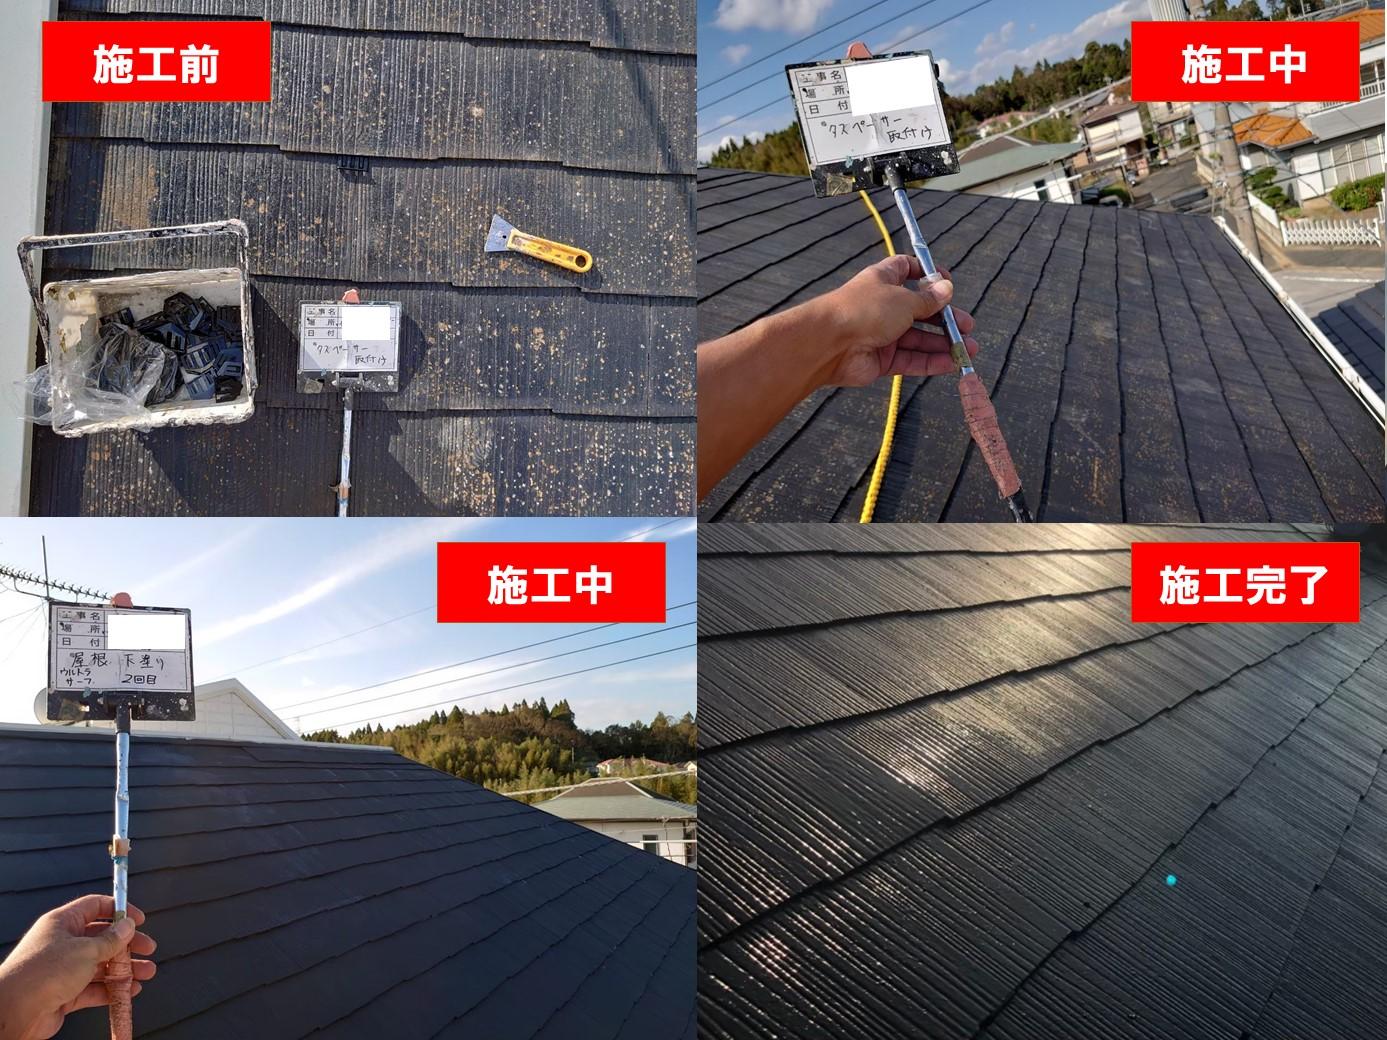 【施工完了報告!】塗装が得意な職人がそろっています!東京都西東京市にて屋根塗装&雨どい交換工事!